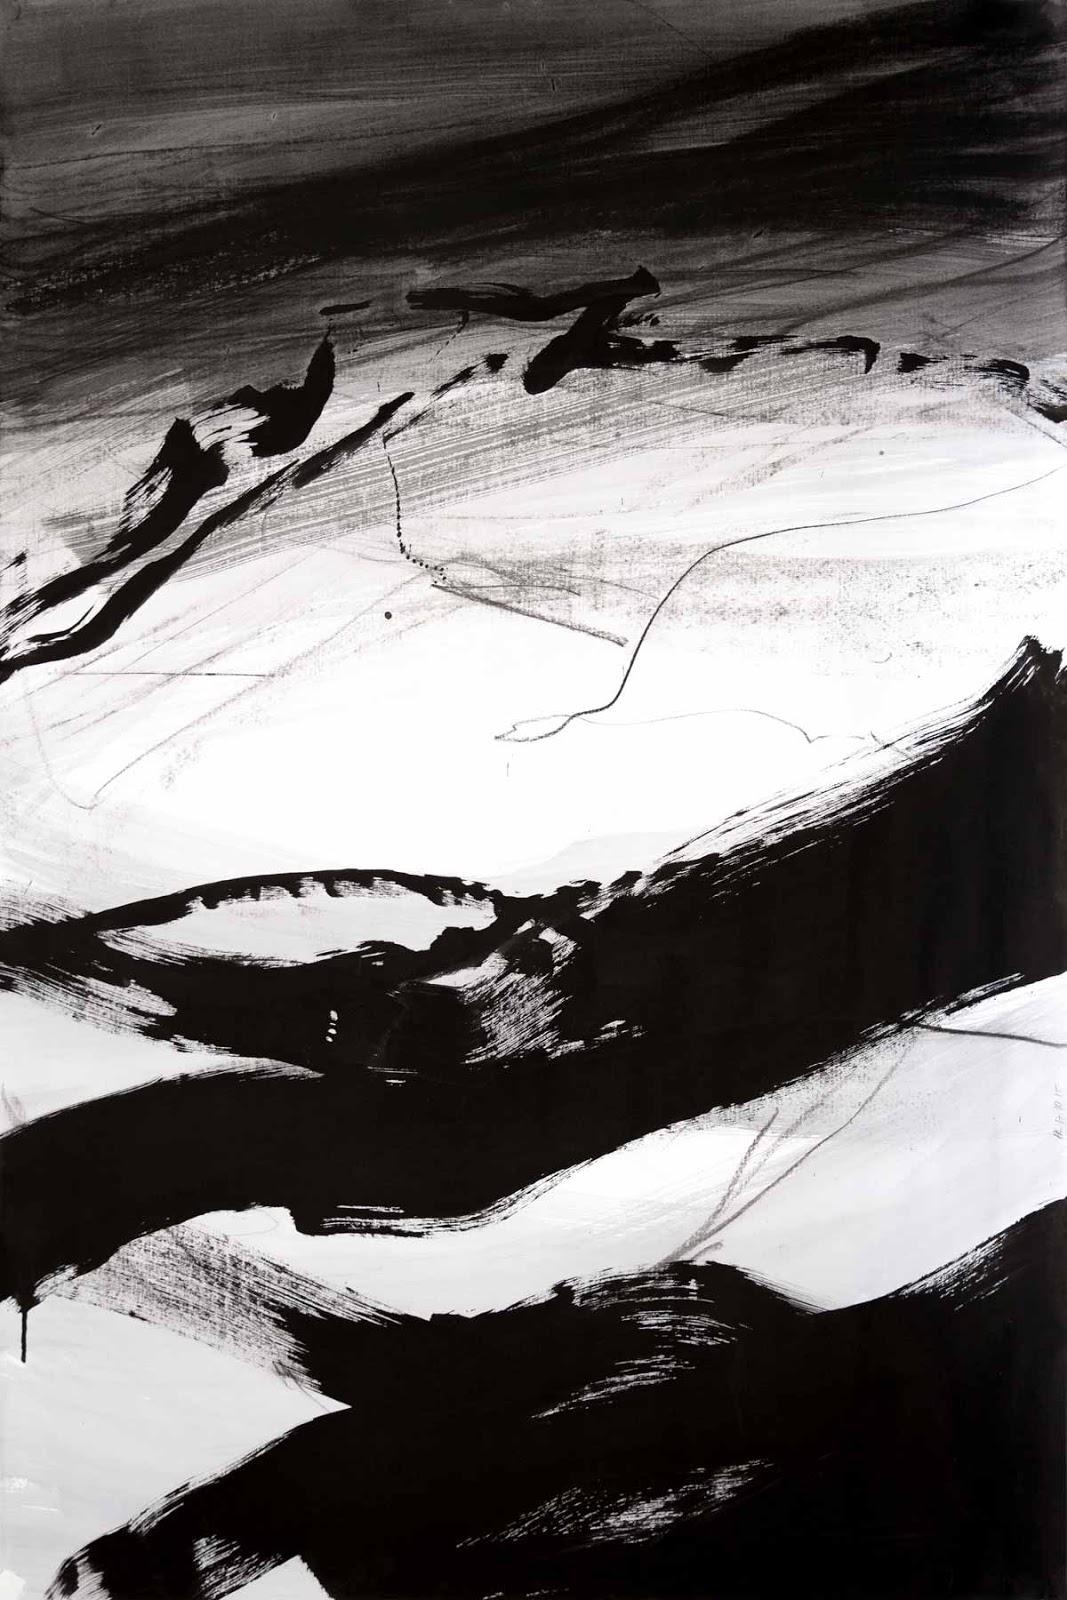 80 x 120 cm, aquarelle, encre de Chine et fusain sur papier, 17 octobre 15